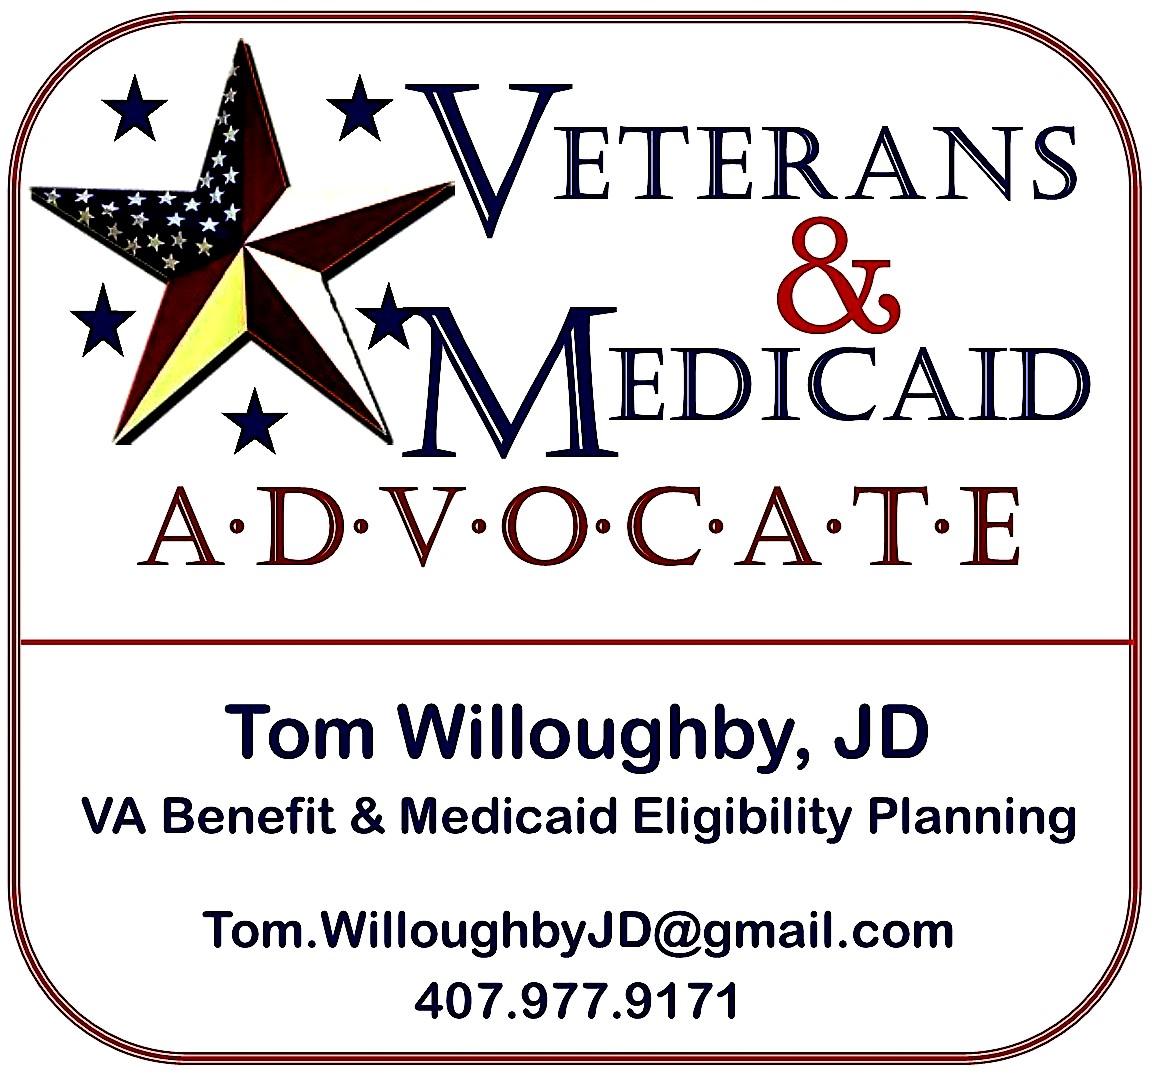 SIG Partner - Veterans & Medicaid Advocate